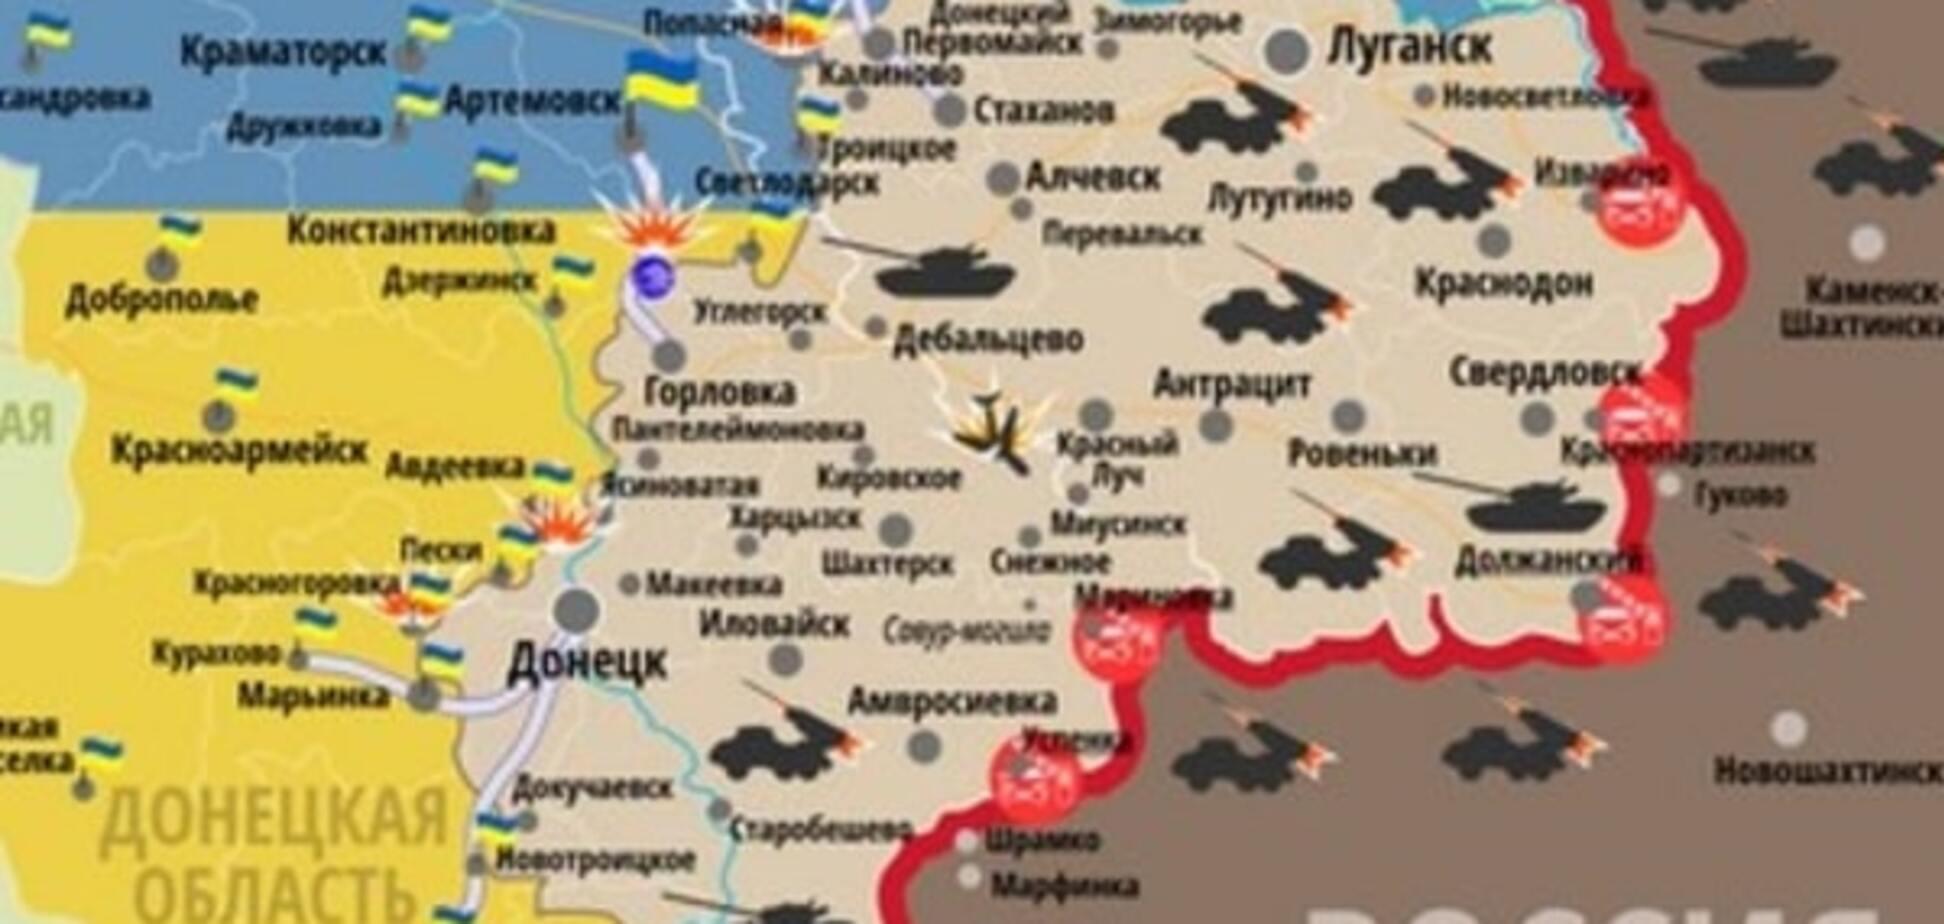 На Донбассе активизировались снайперы: актуальная карта АТО